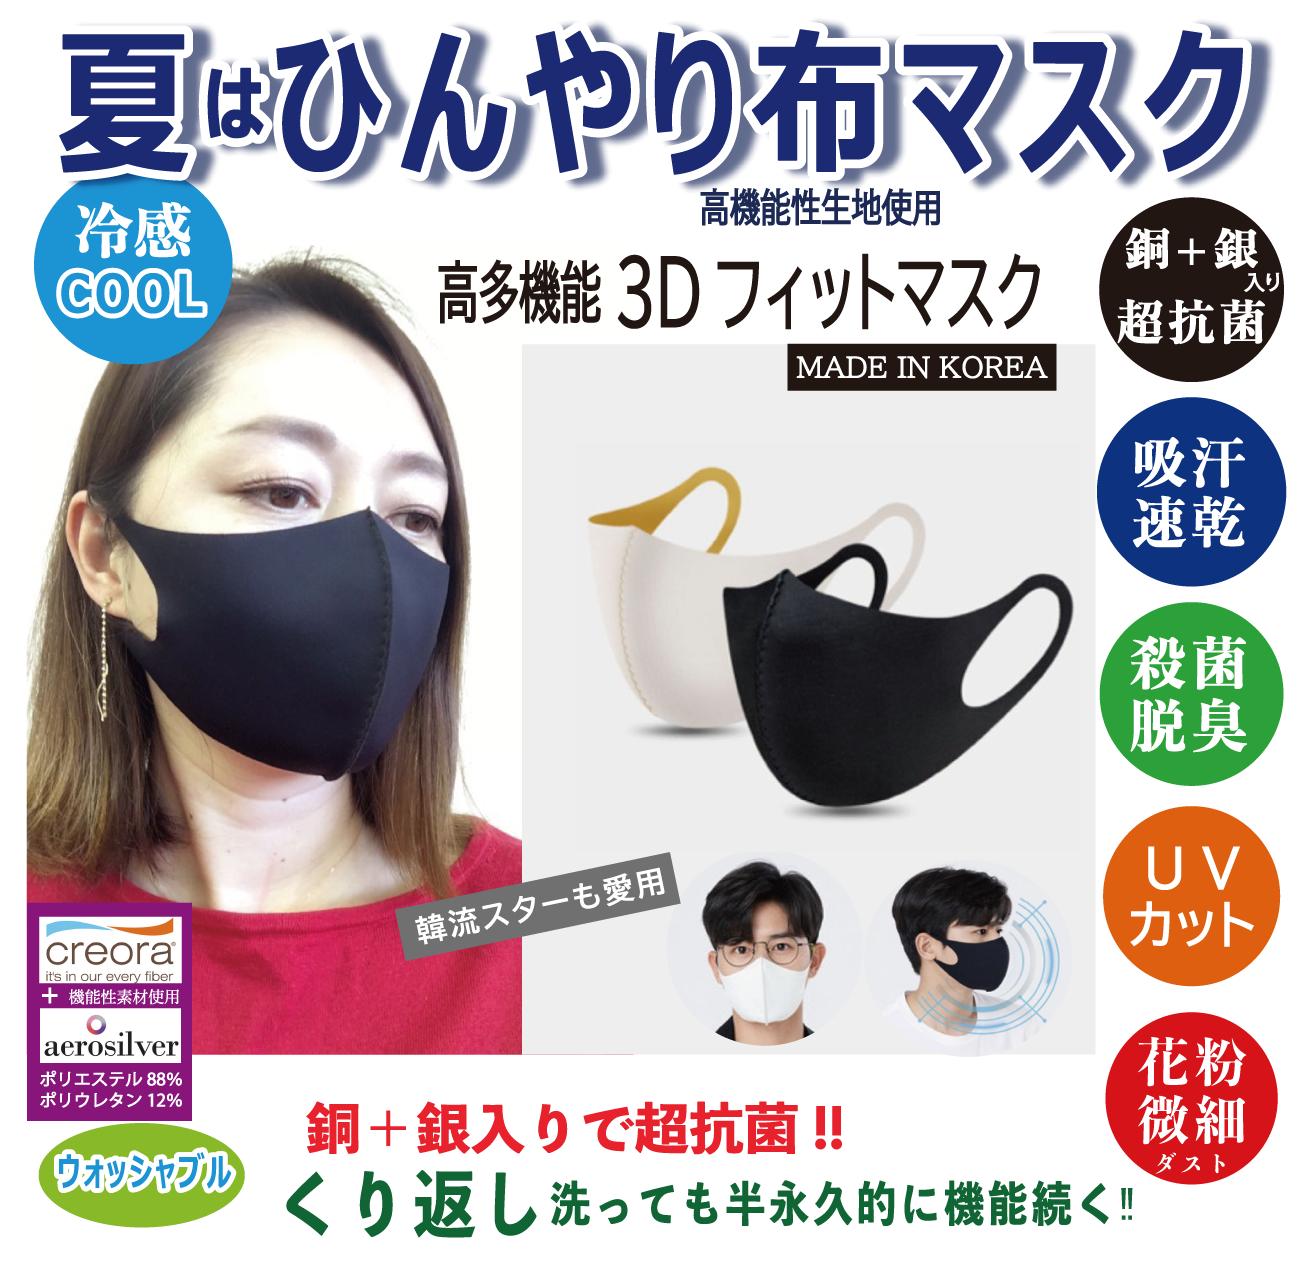 高多機能3Dフィットマスク/銅&シルバー入りで超抗菌/ひんやりマスク/夏マスク